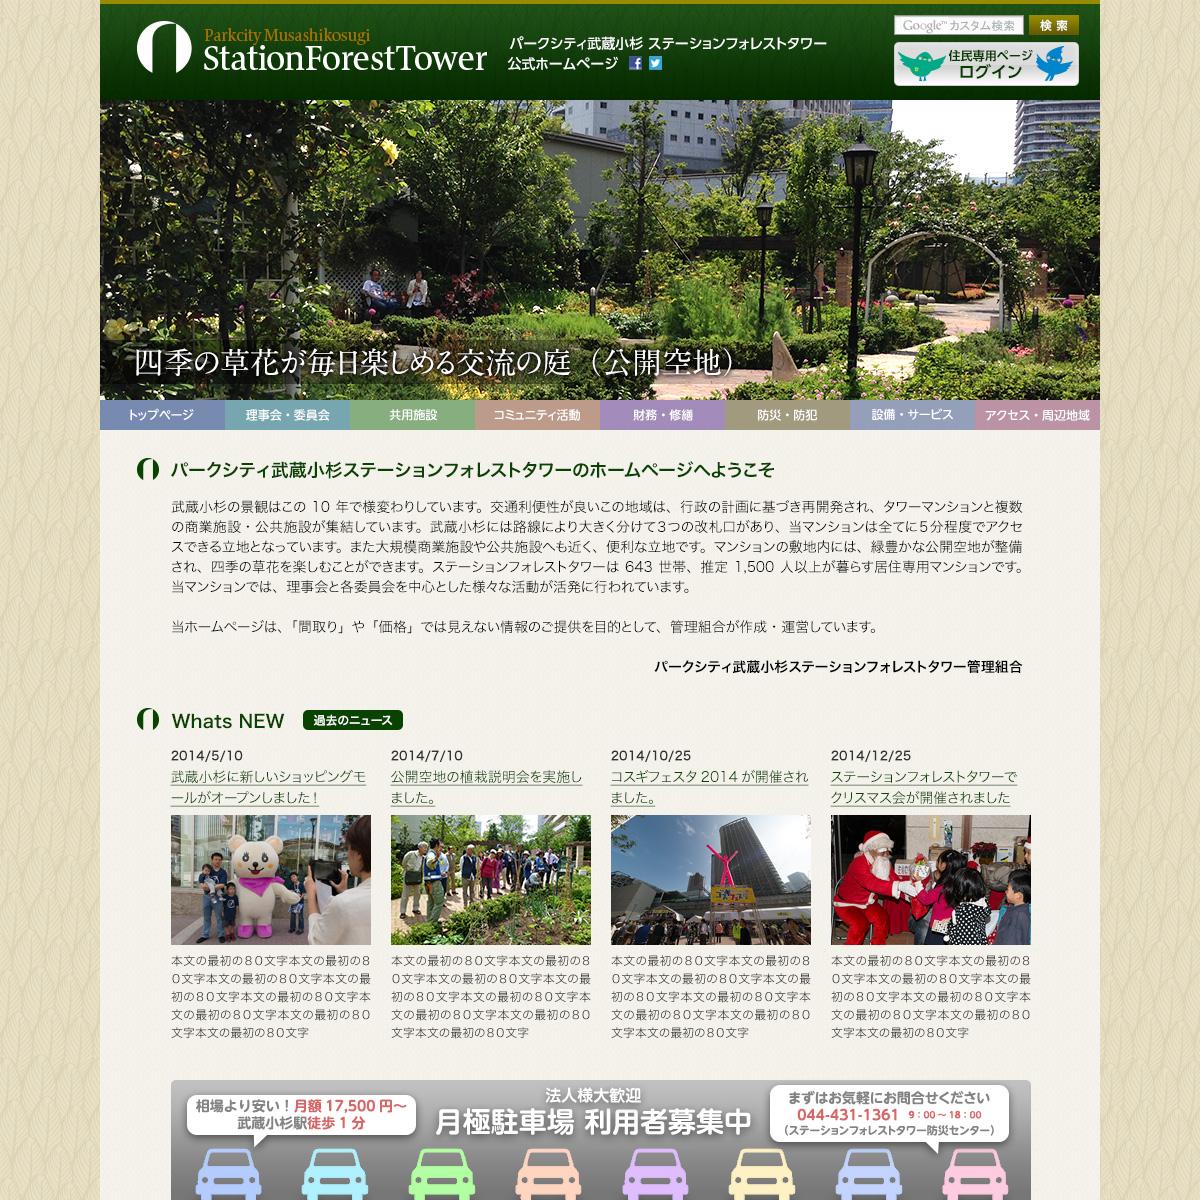 パークシティ武蔵小杉ステーションフォレストタワー公式サイト